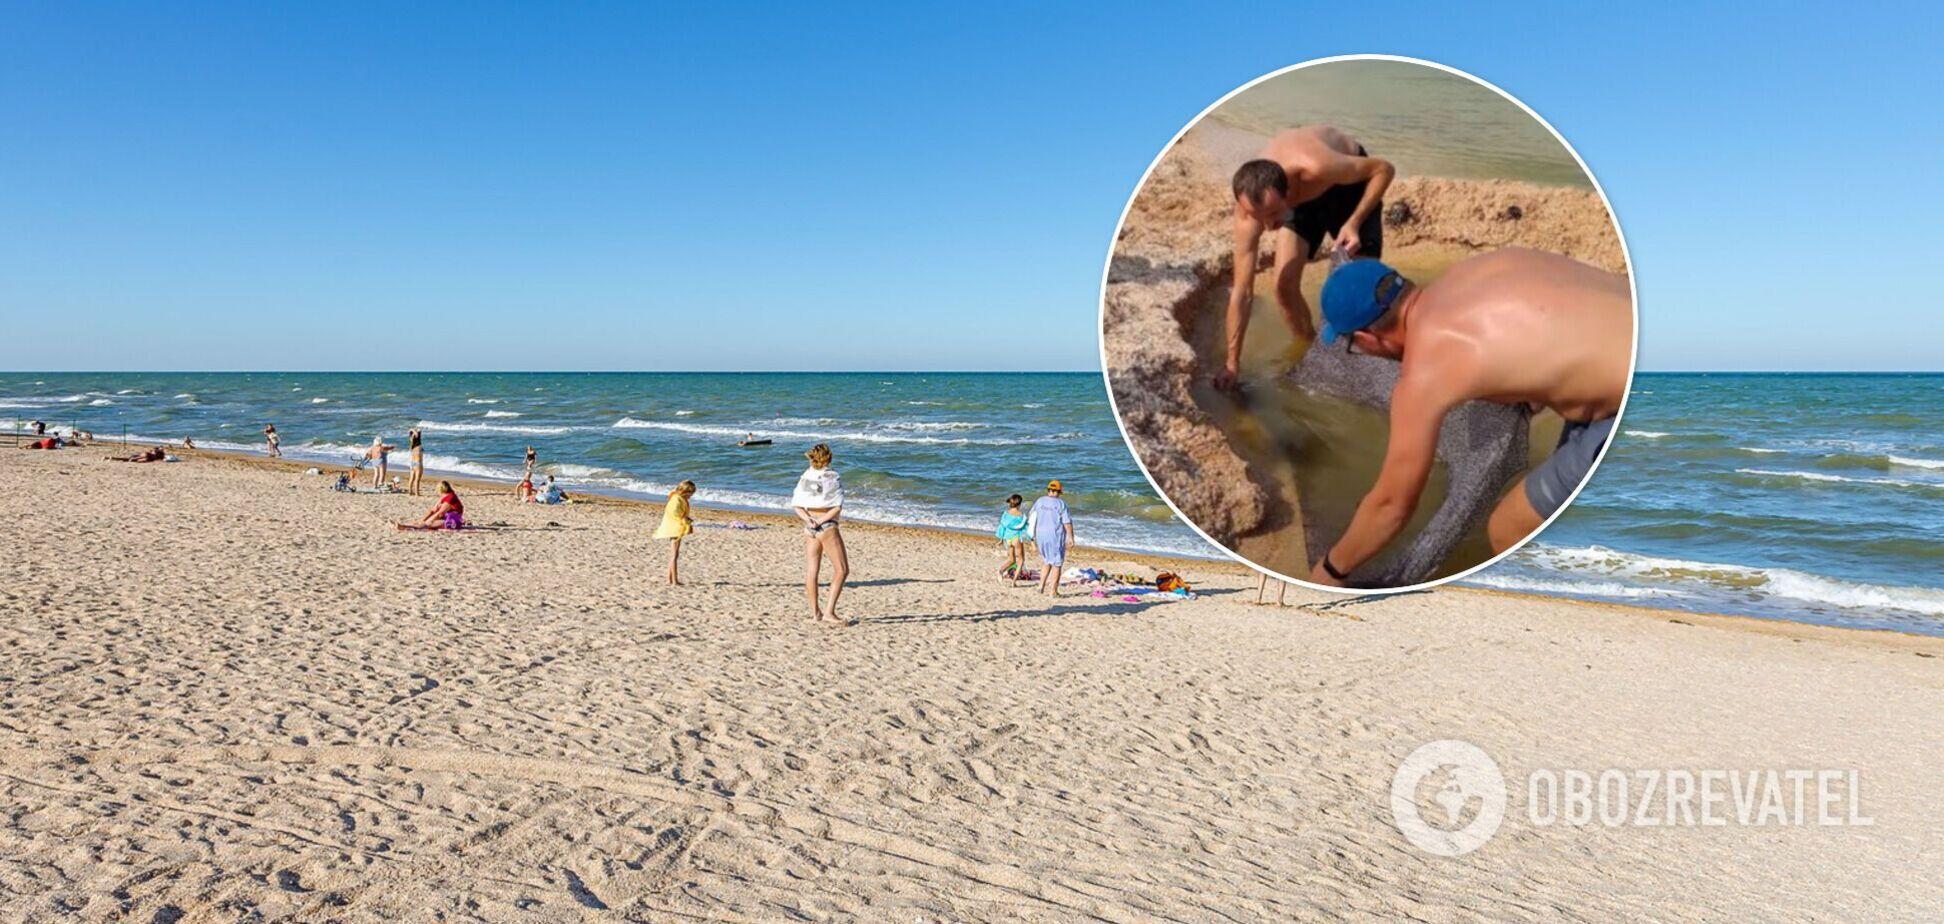 На Азовском море туристы нашли необычный способ спасения от назойливых медуз. Видео